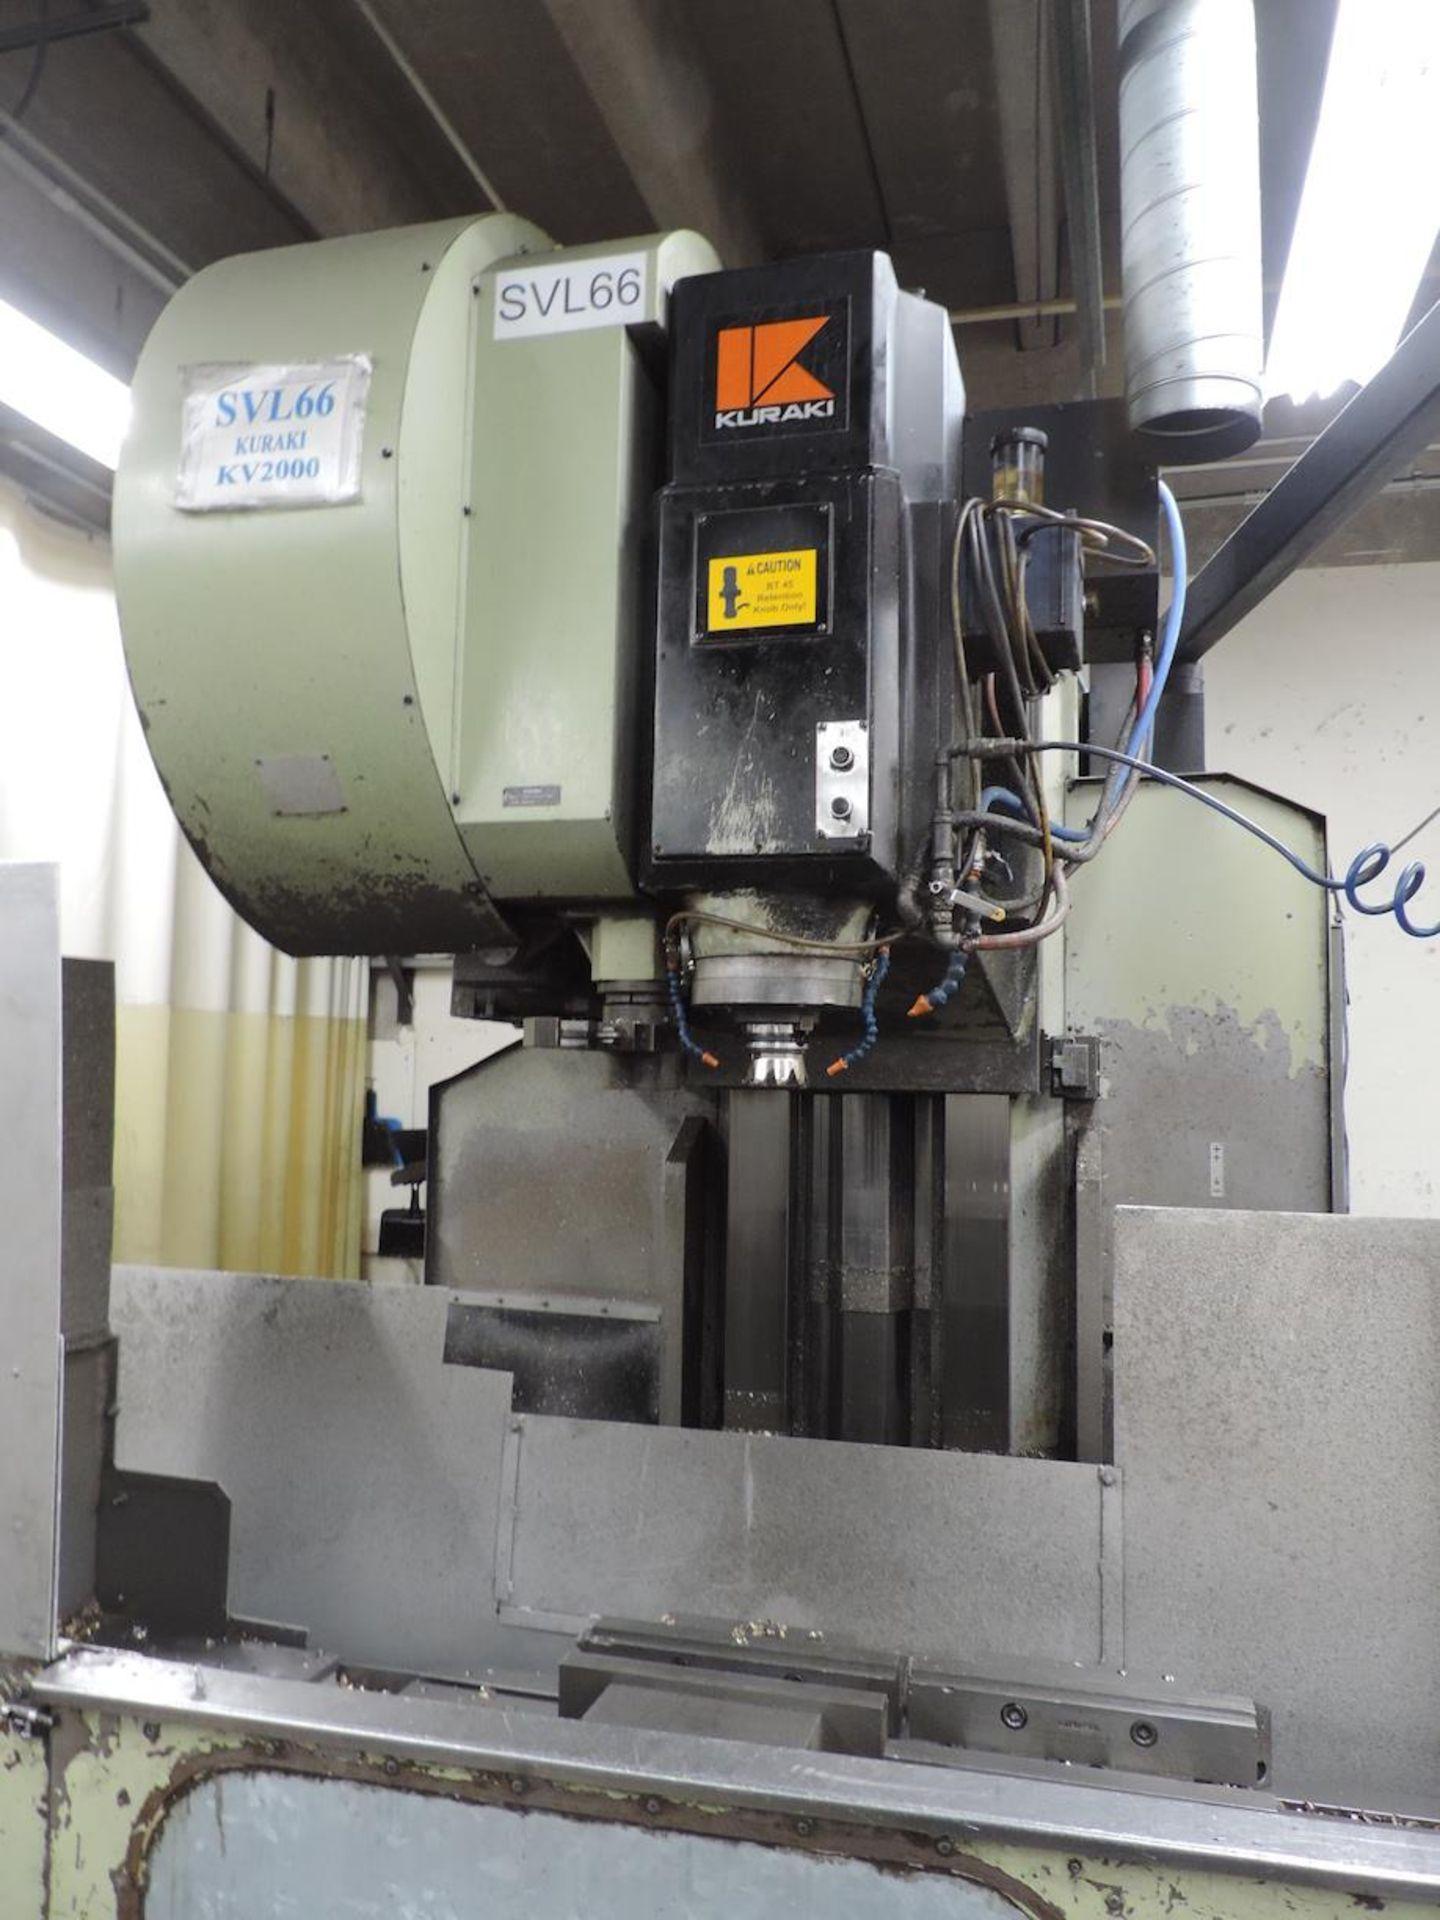 KURAKI KV-2000 KV-1600W VMC, FANUC 6M CONTROL, 3000 RPM, 50 TAPER SPINDLE, 24 ATC, XYZ TRAVELS: - Image 7 of 13